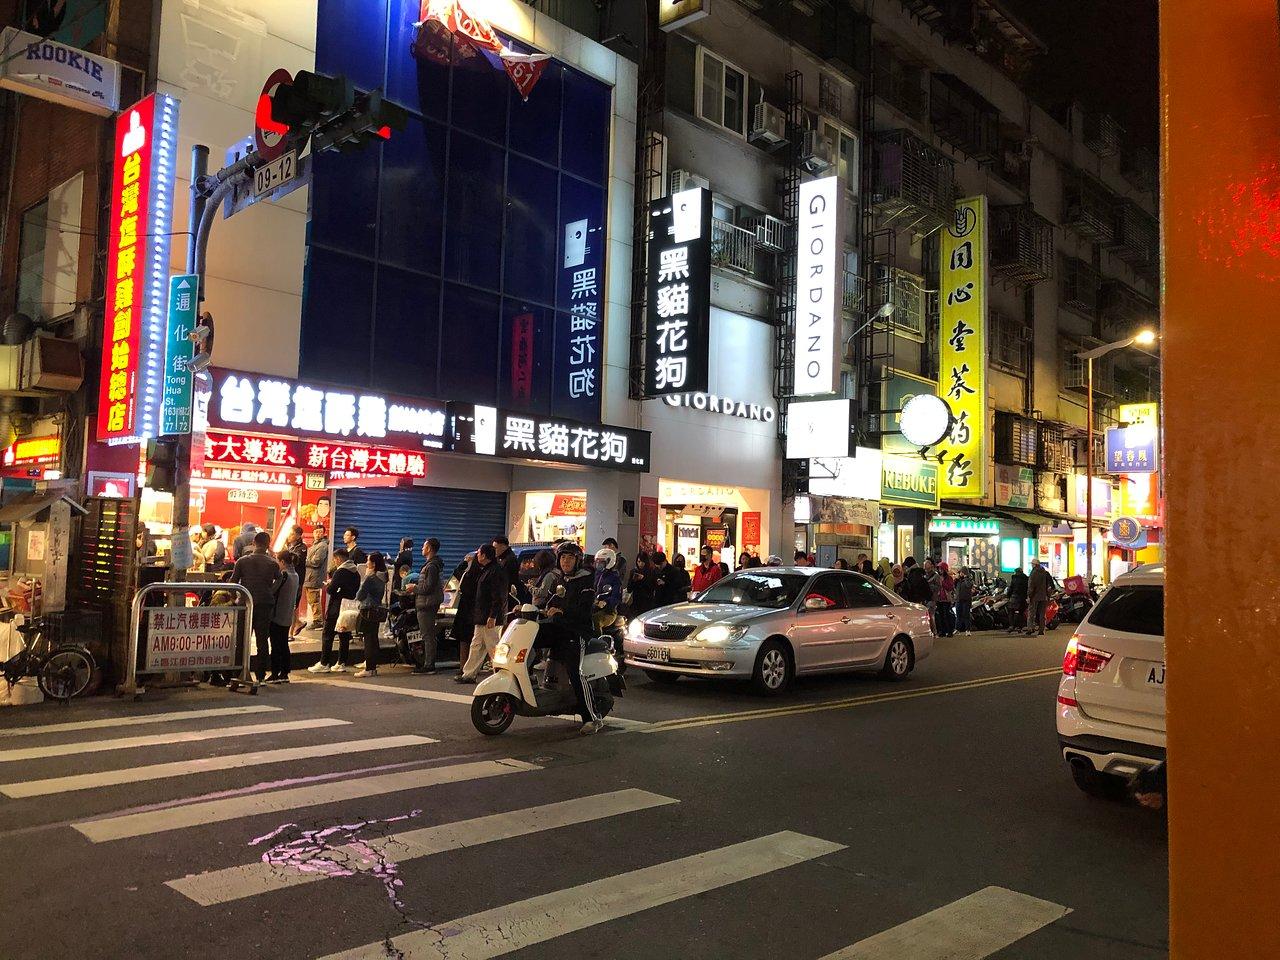 SEX AGENCY in Linjiang